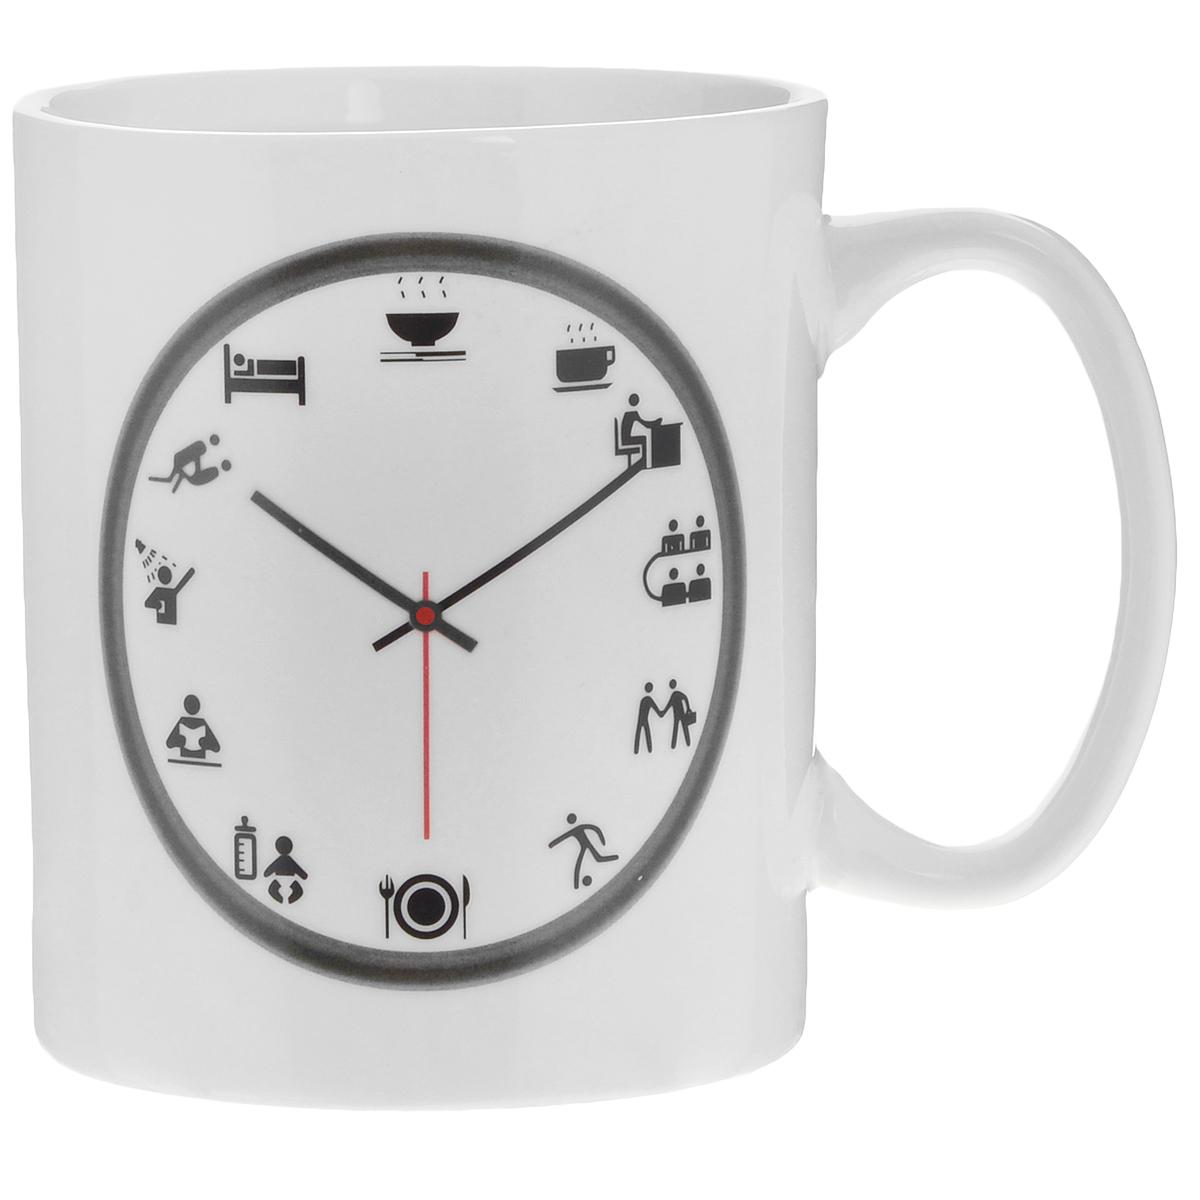 Кружка Личное время, 300 мл96303Кружка-хамелеон Личное время выполнена из высококачественного фарфора. Изменяет рисунок при нагреве. В холодном состоянии на кружке нарисованы часы. На циферблате черного цвета вместо часов изображены рисунки с изображением того, что принято делать в тот или иной час. Если в нее налить горячий напиток, то стрелка и рисунок на десяти часах вечера меняют цвет с темного на красный. Такой подарок станет не только приятным, но и практичным сувениром: кружка станет незаменимым атрибутом чаепития, а оригинальный дизайн вызовет улыбку.Нельзя мыть в посудомоечной машине. Можно использовать в микроволновой печи. Диаметр по верхнему краю: 7,2 см.Высота кружки: 9 см.Объем: 300 мл.